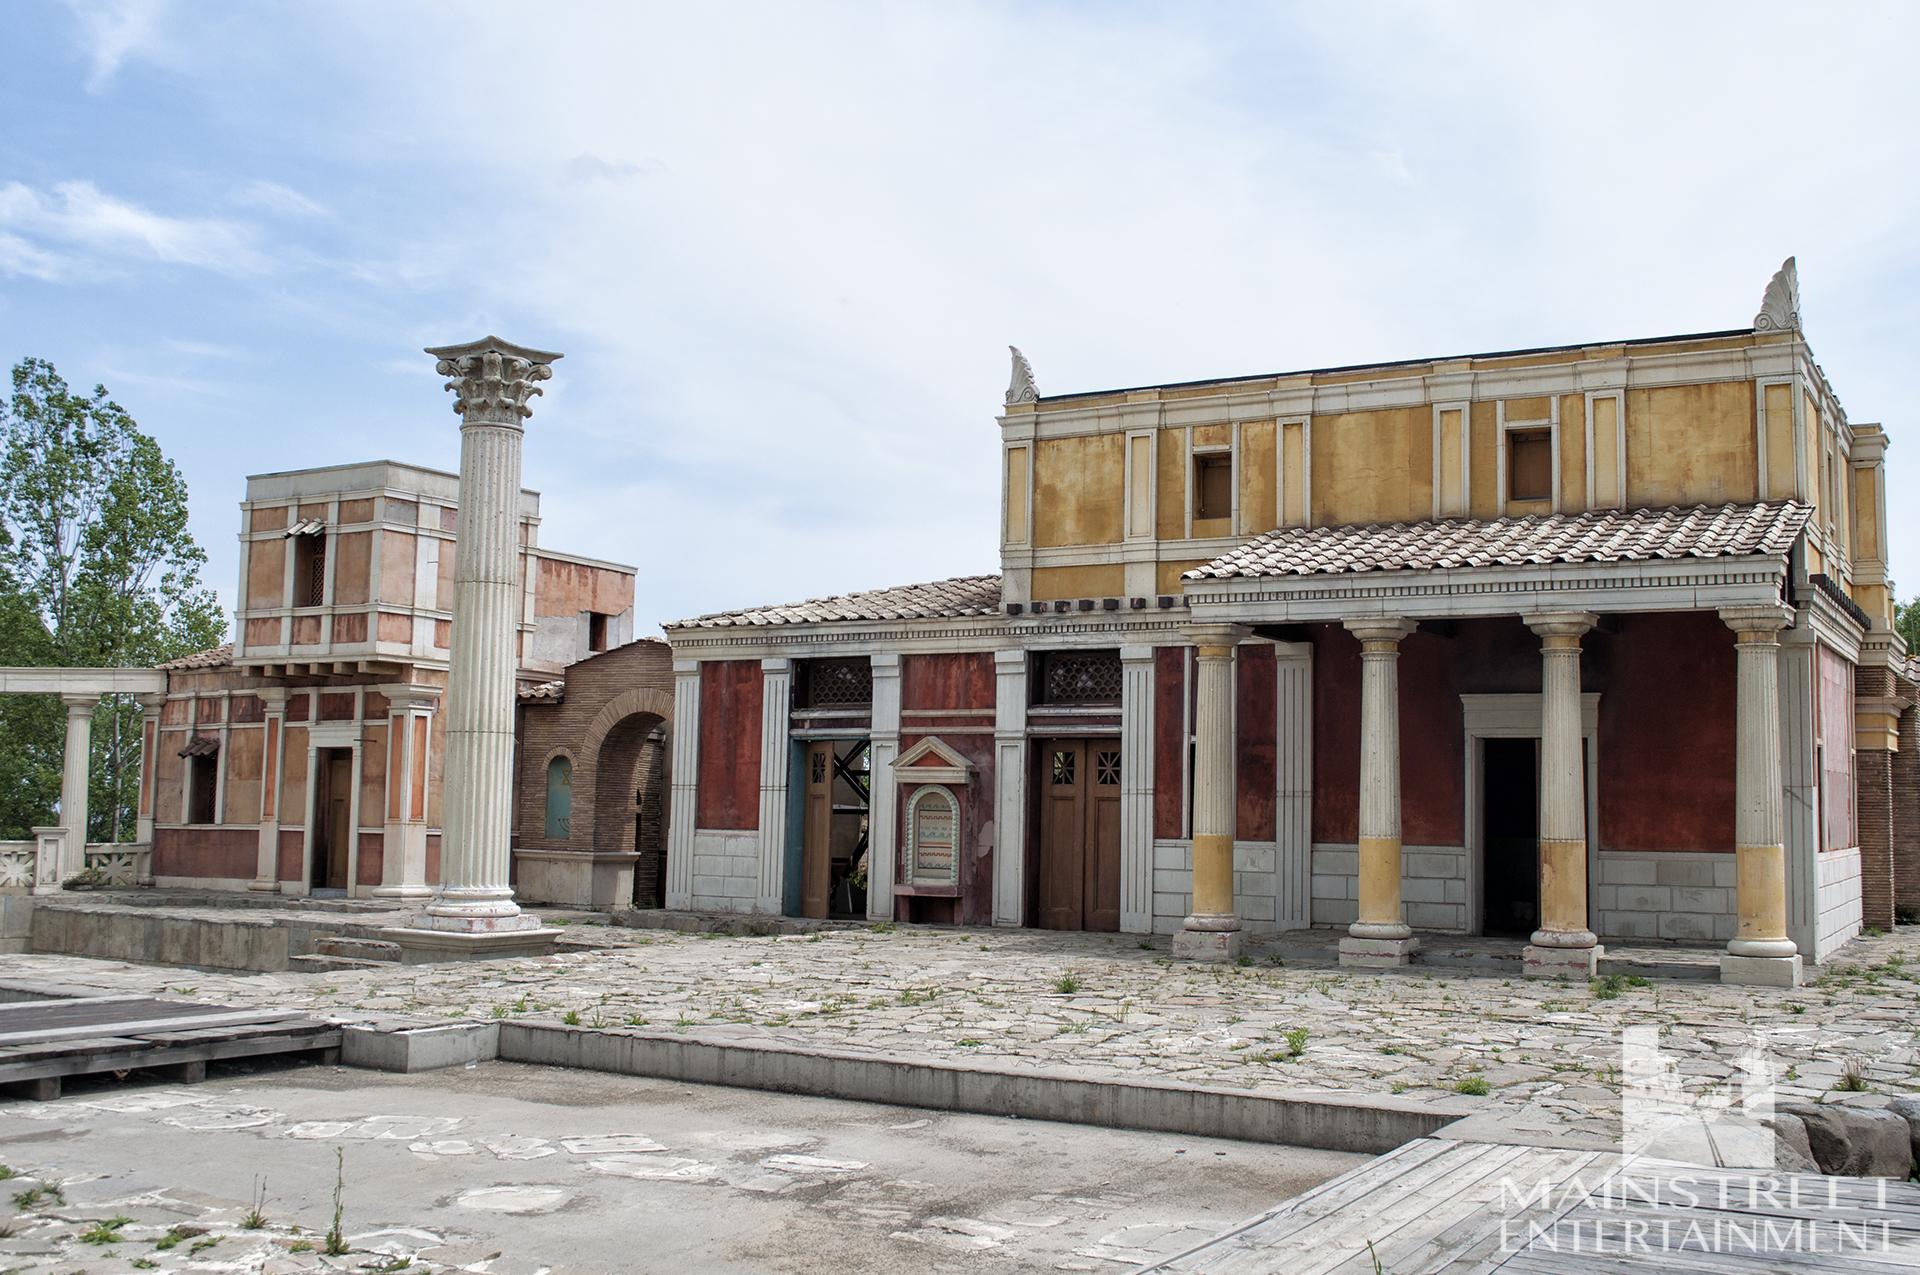 Roman thermae set